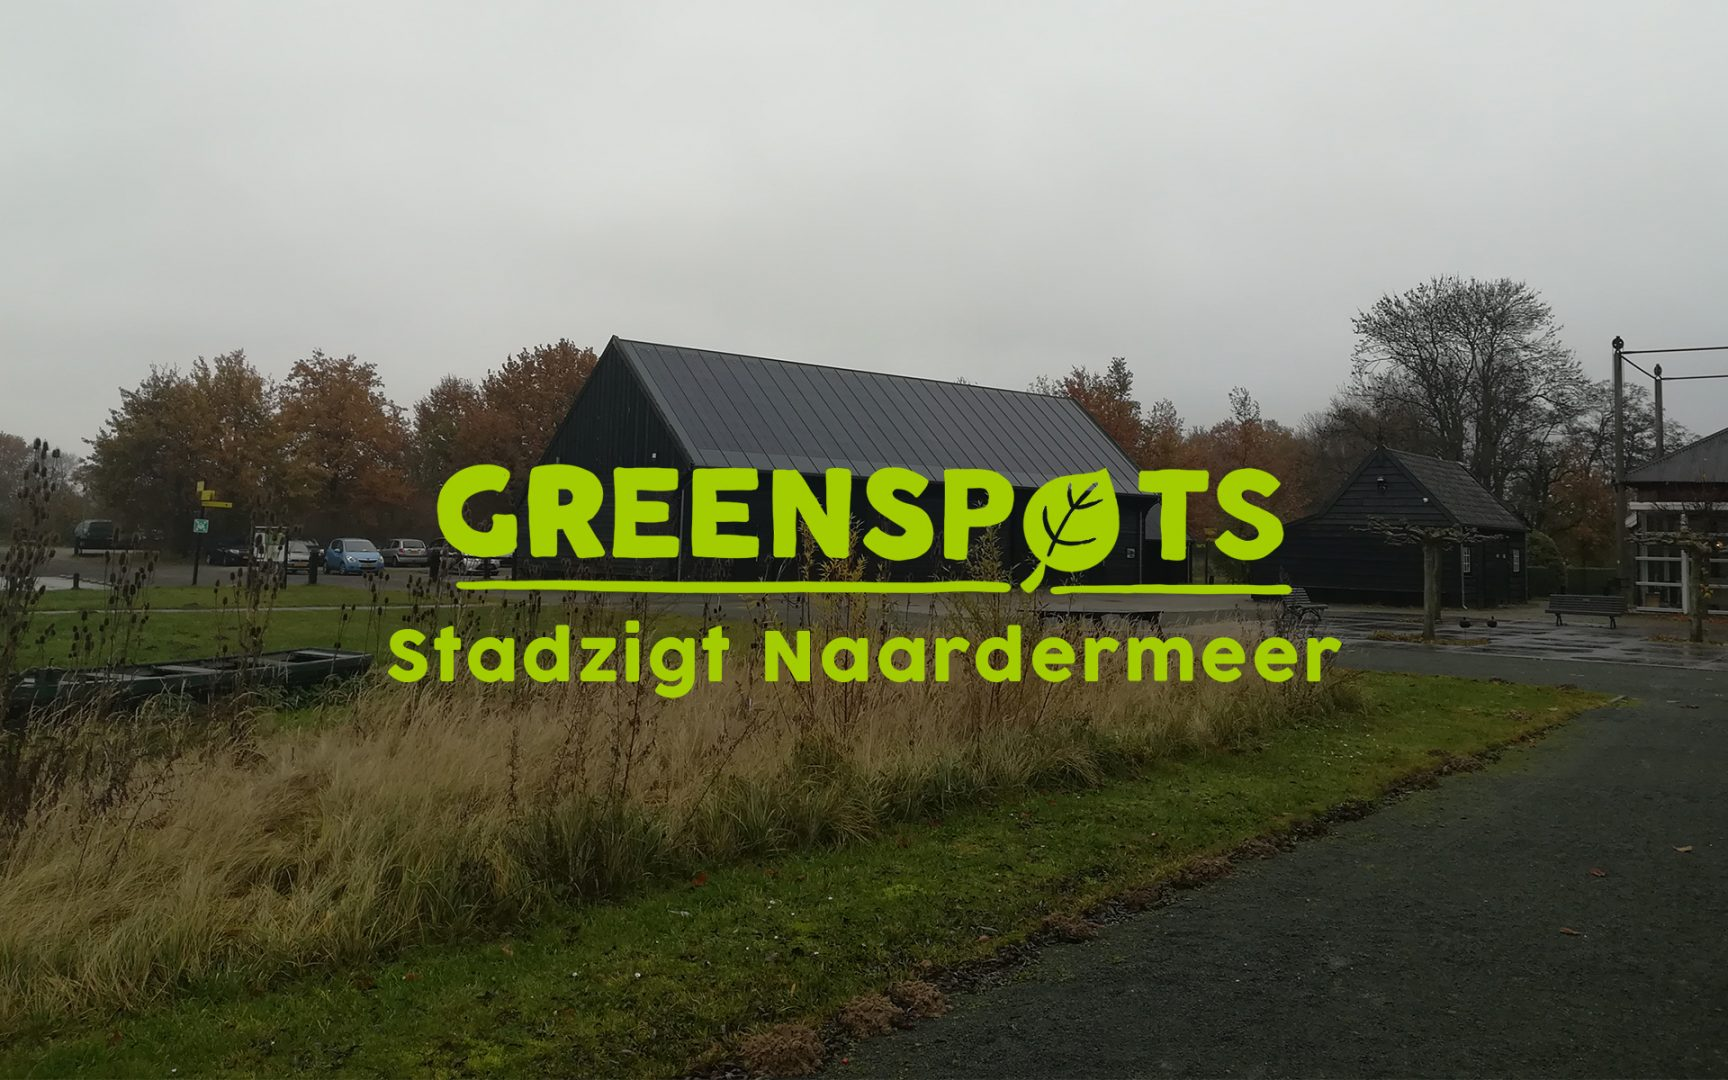 Greenspot Stadzigt Naardermeer